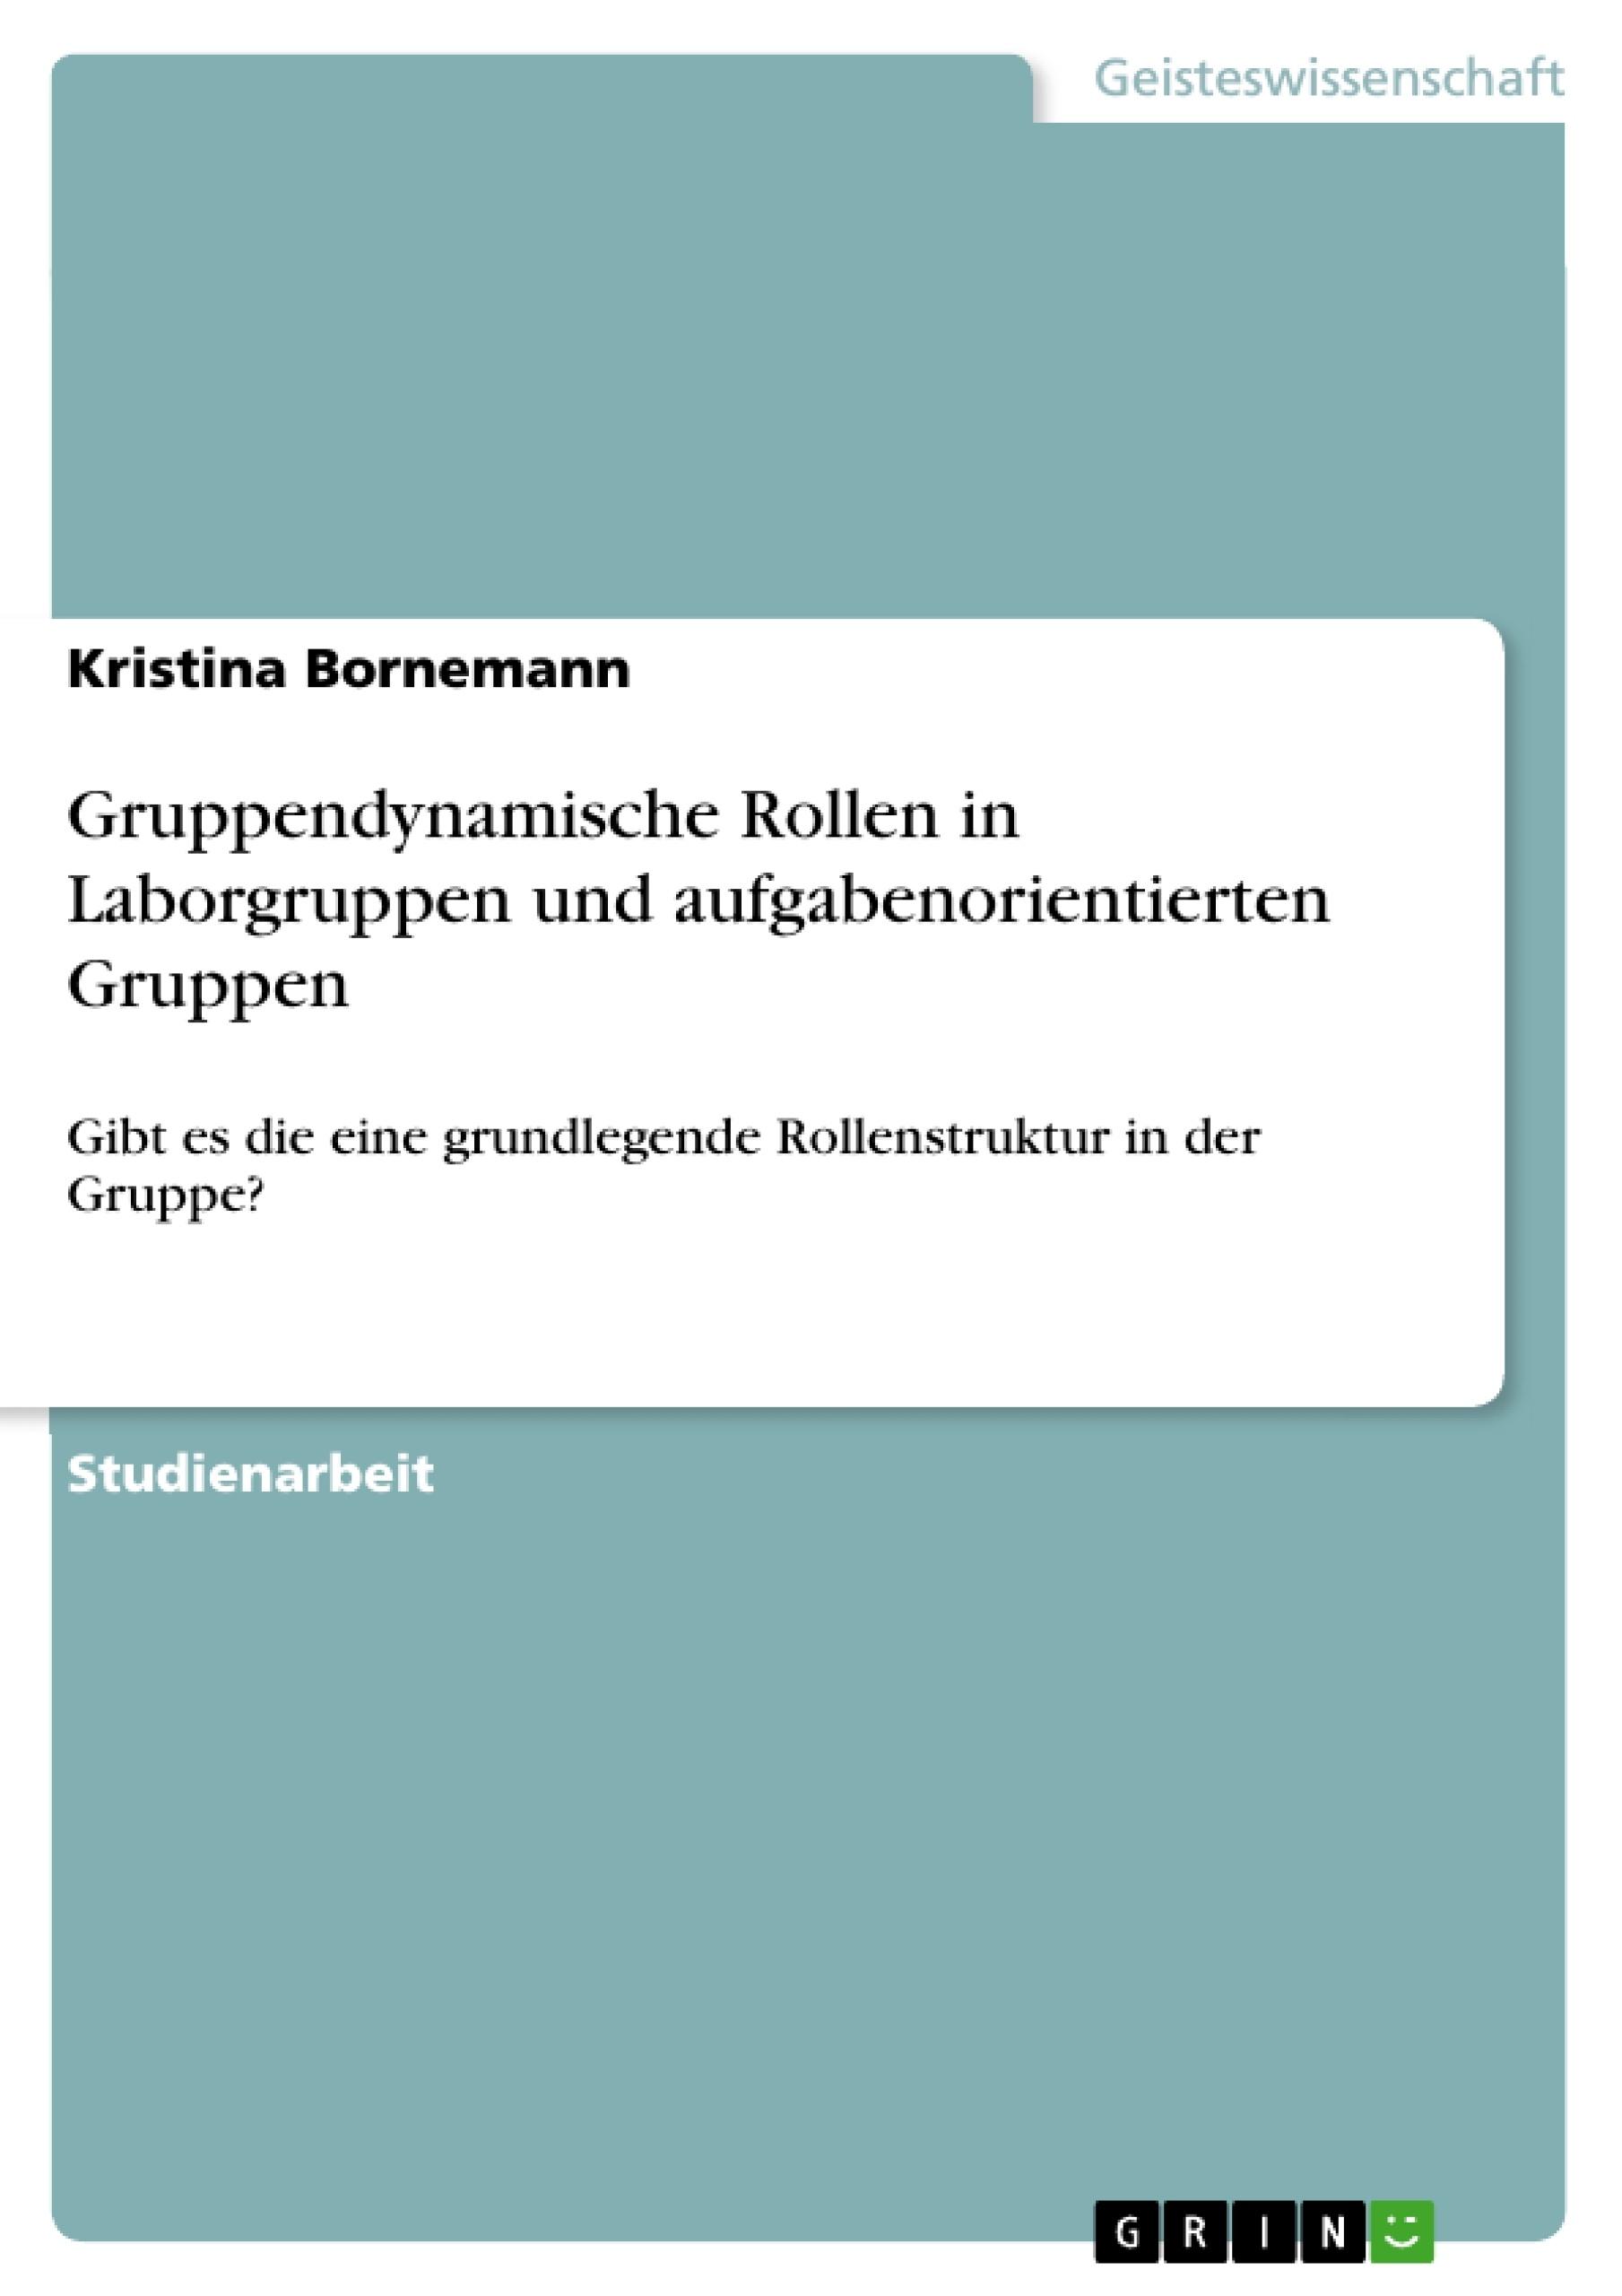 Titel: Gruppendynamische Rollen in Laborgruppen und aufgabenorientierten Gruppen